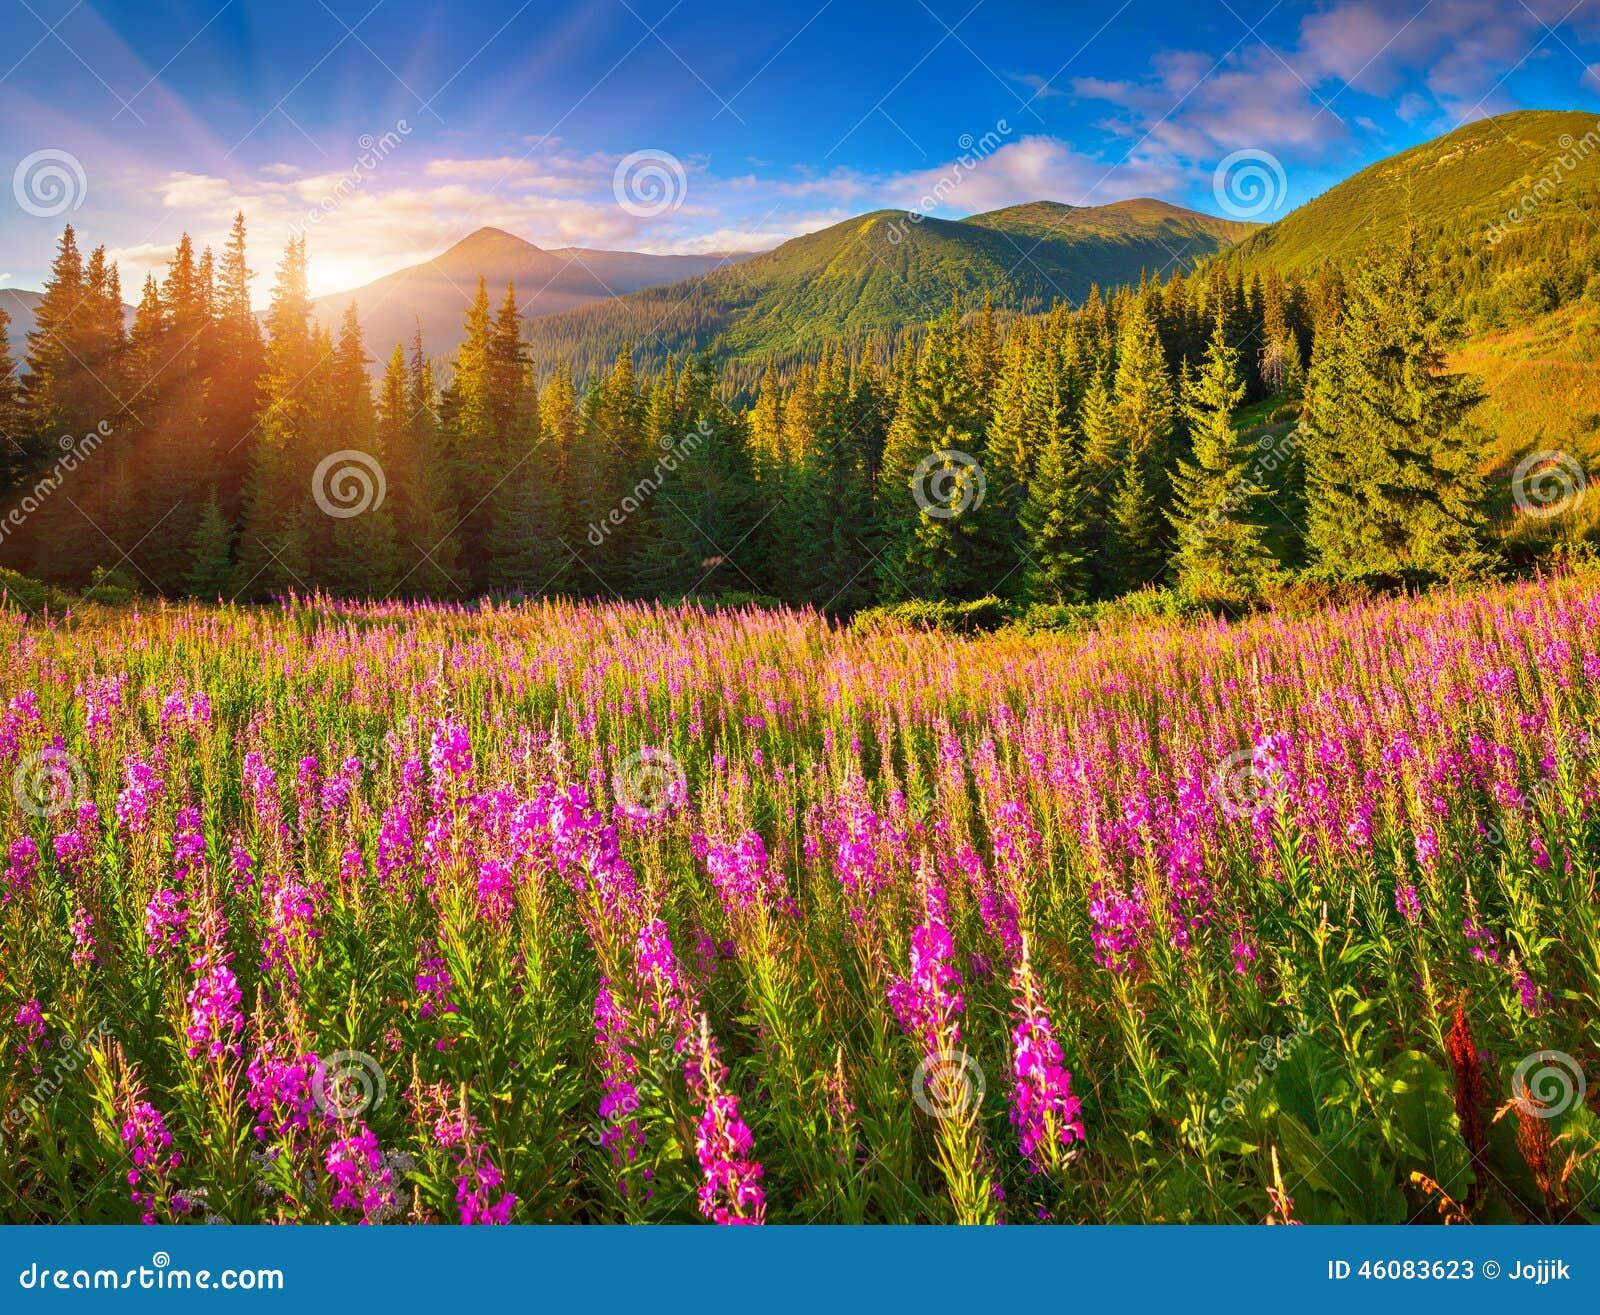 Ben noto Bello Paesaggio Di Autunno In Montagne Con I Fiori Rosa Immagine  LF03